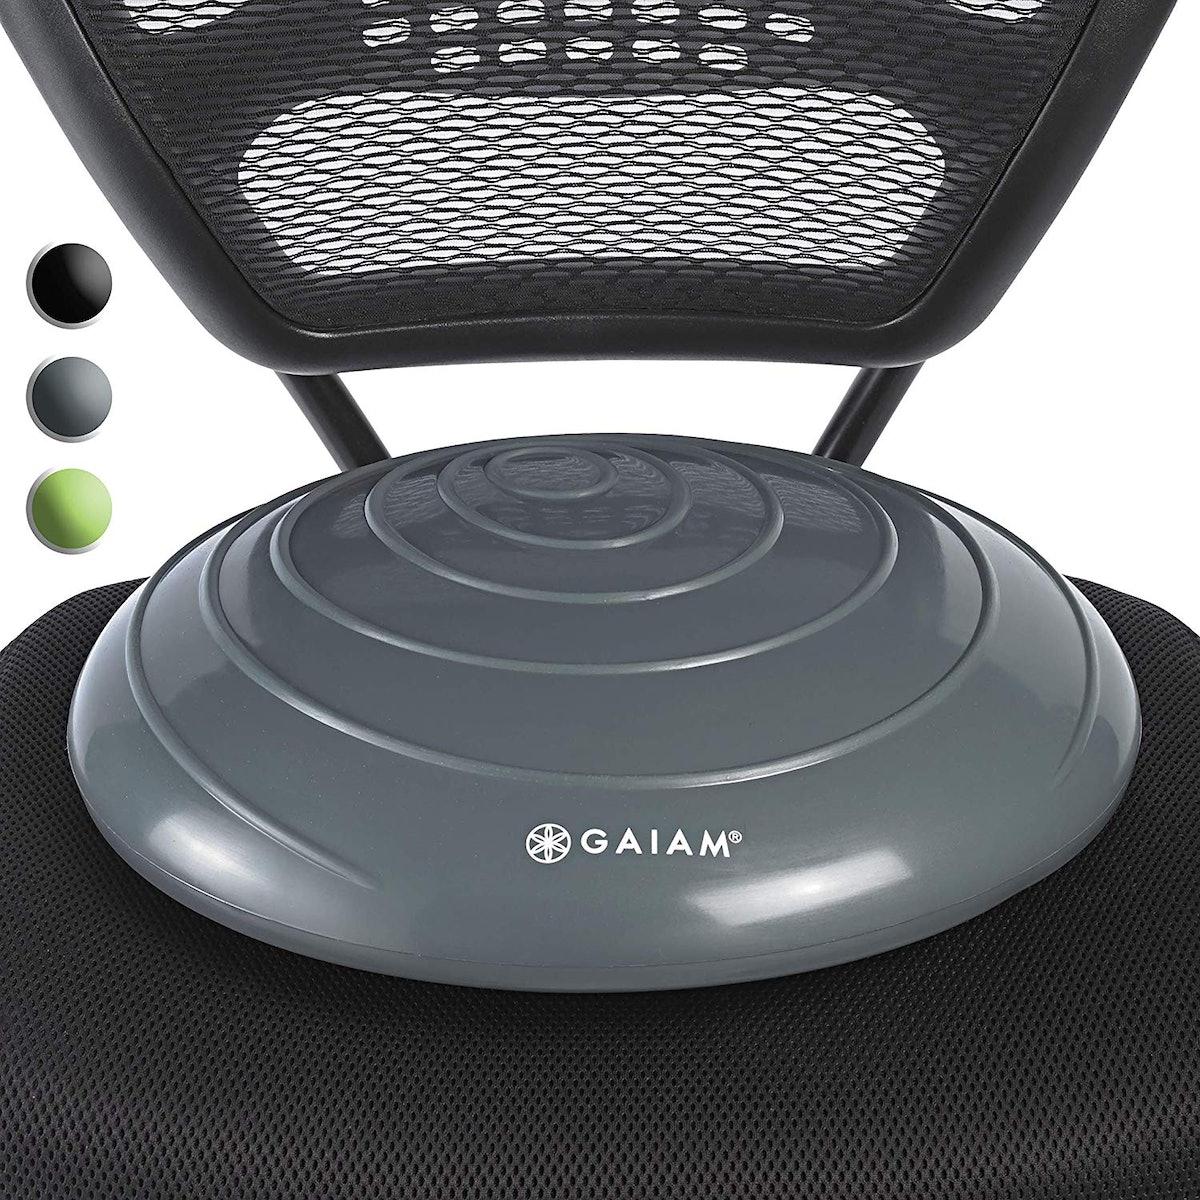 Gaiam Balance Disc Cushion